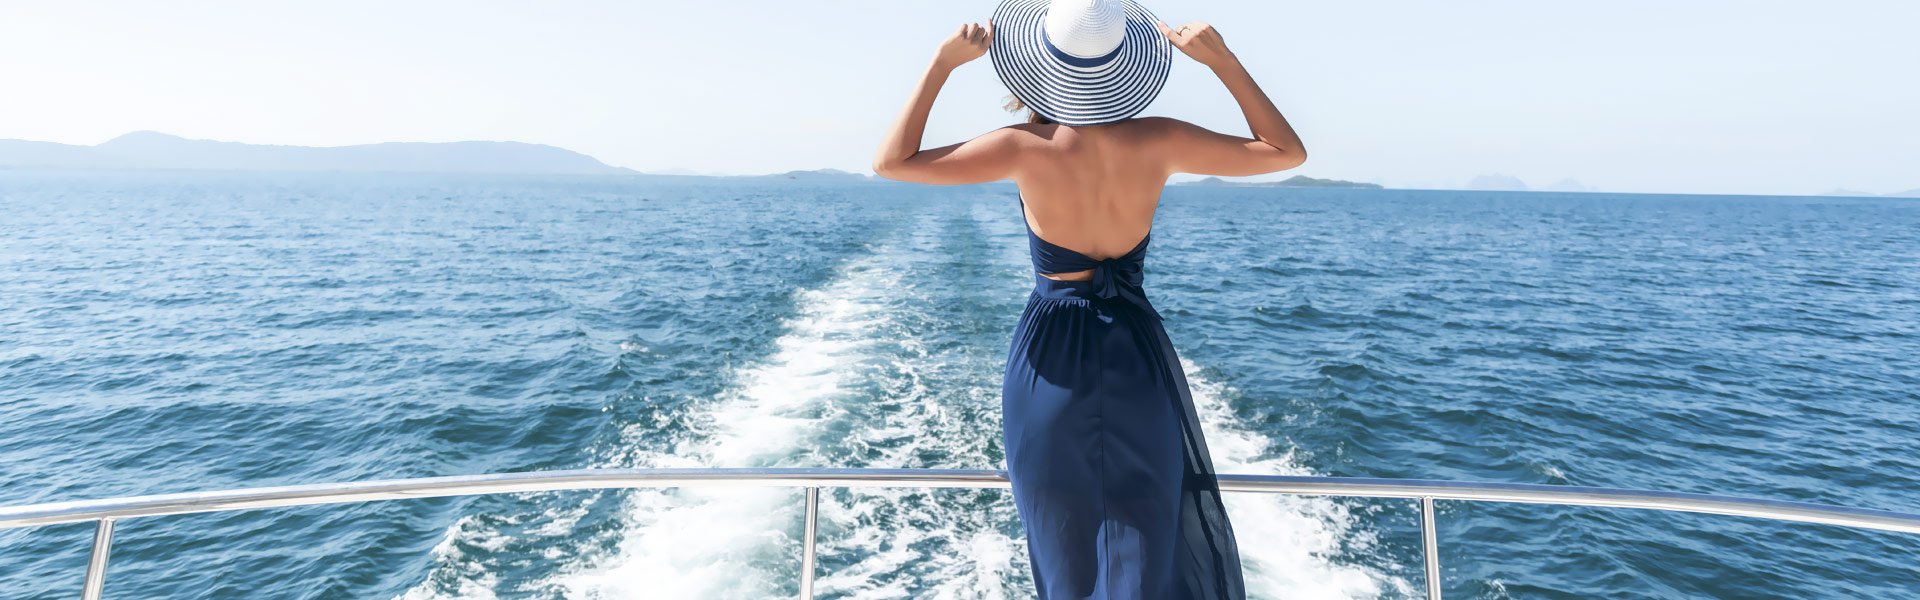 buyer yachts